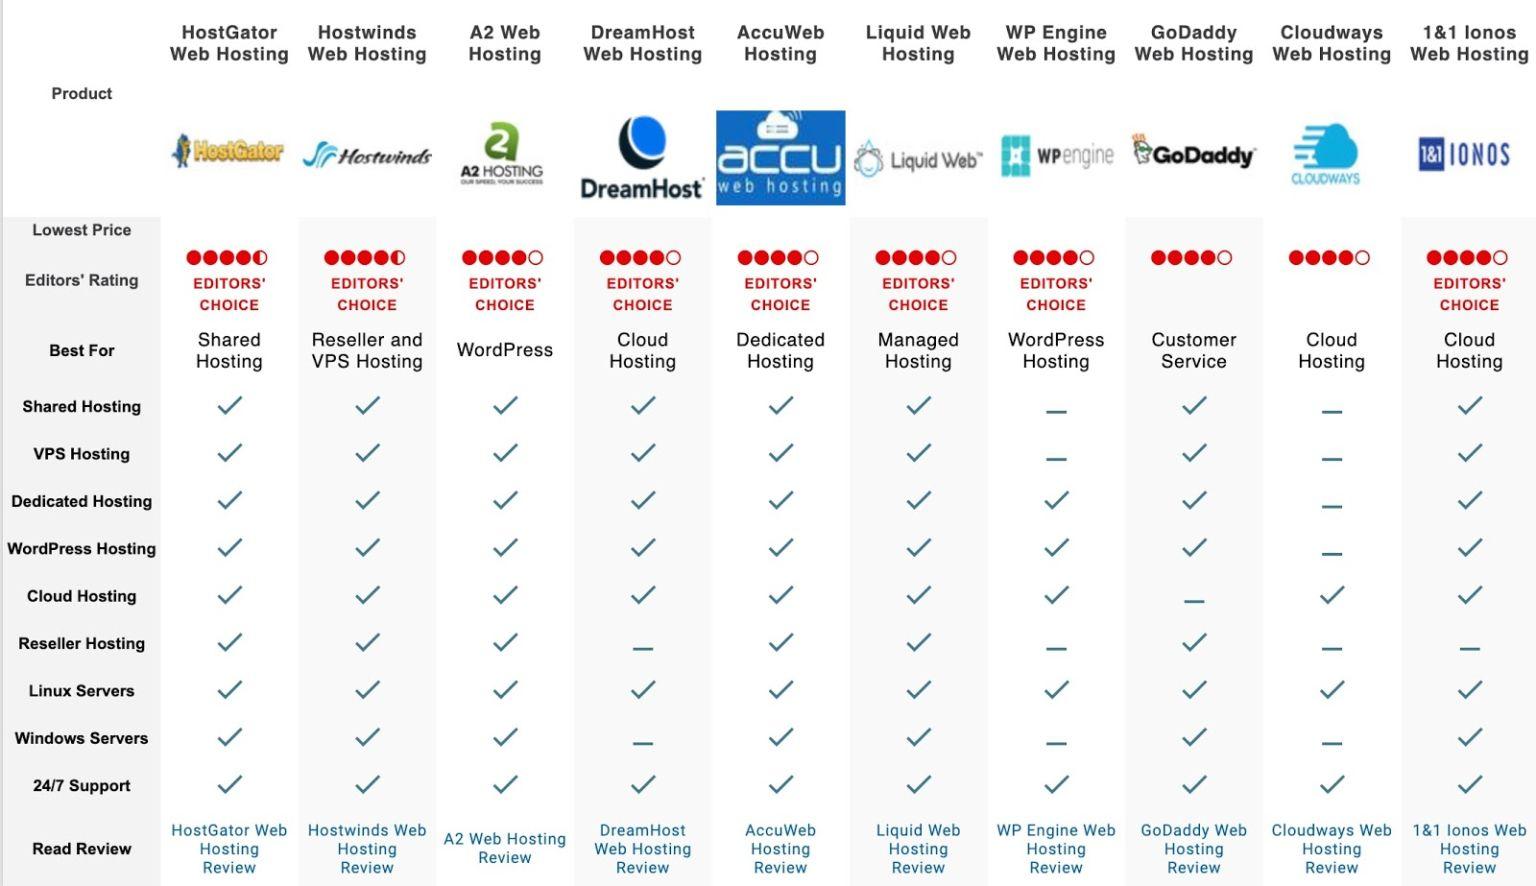 pc-mag-comparison-table